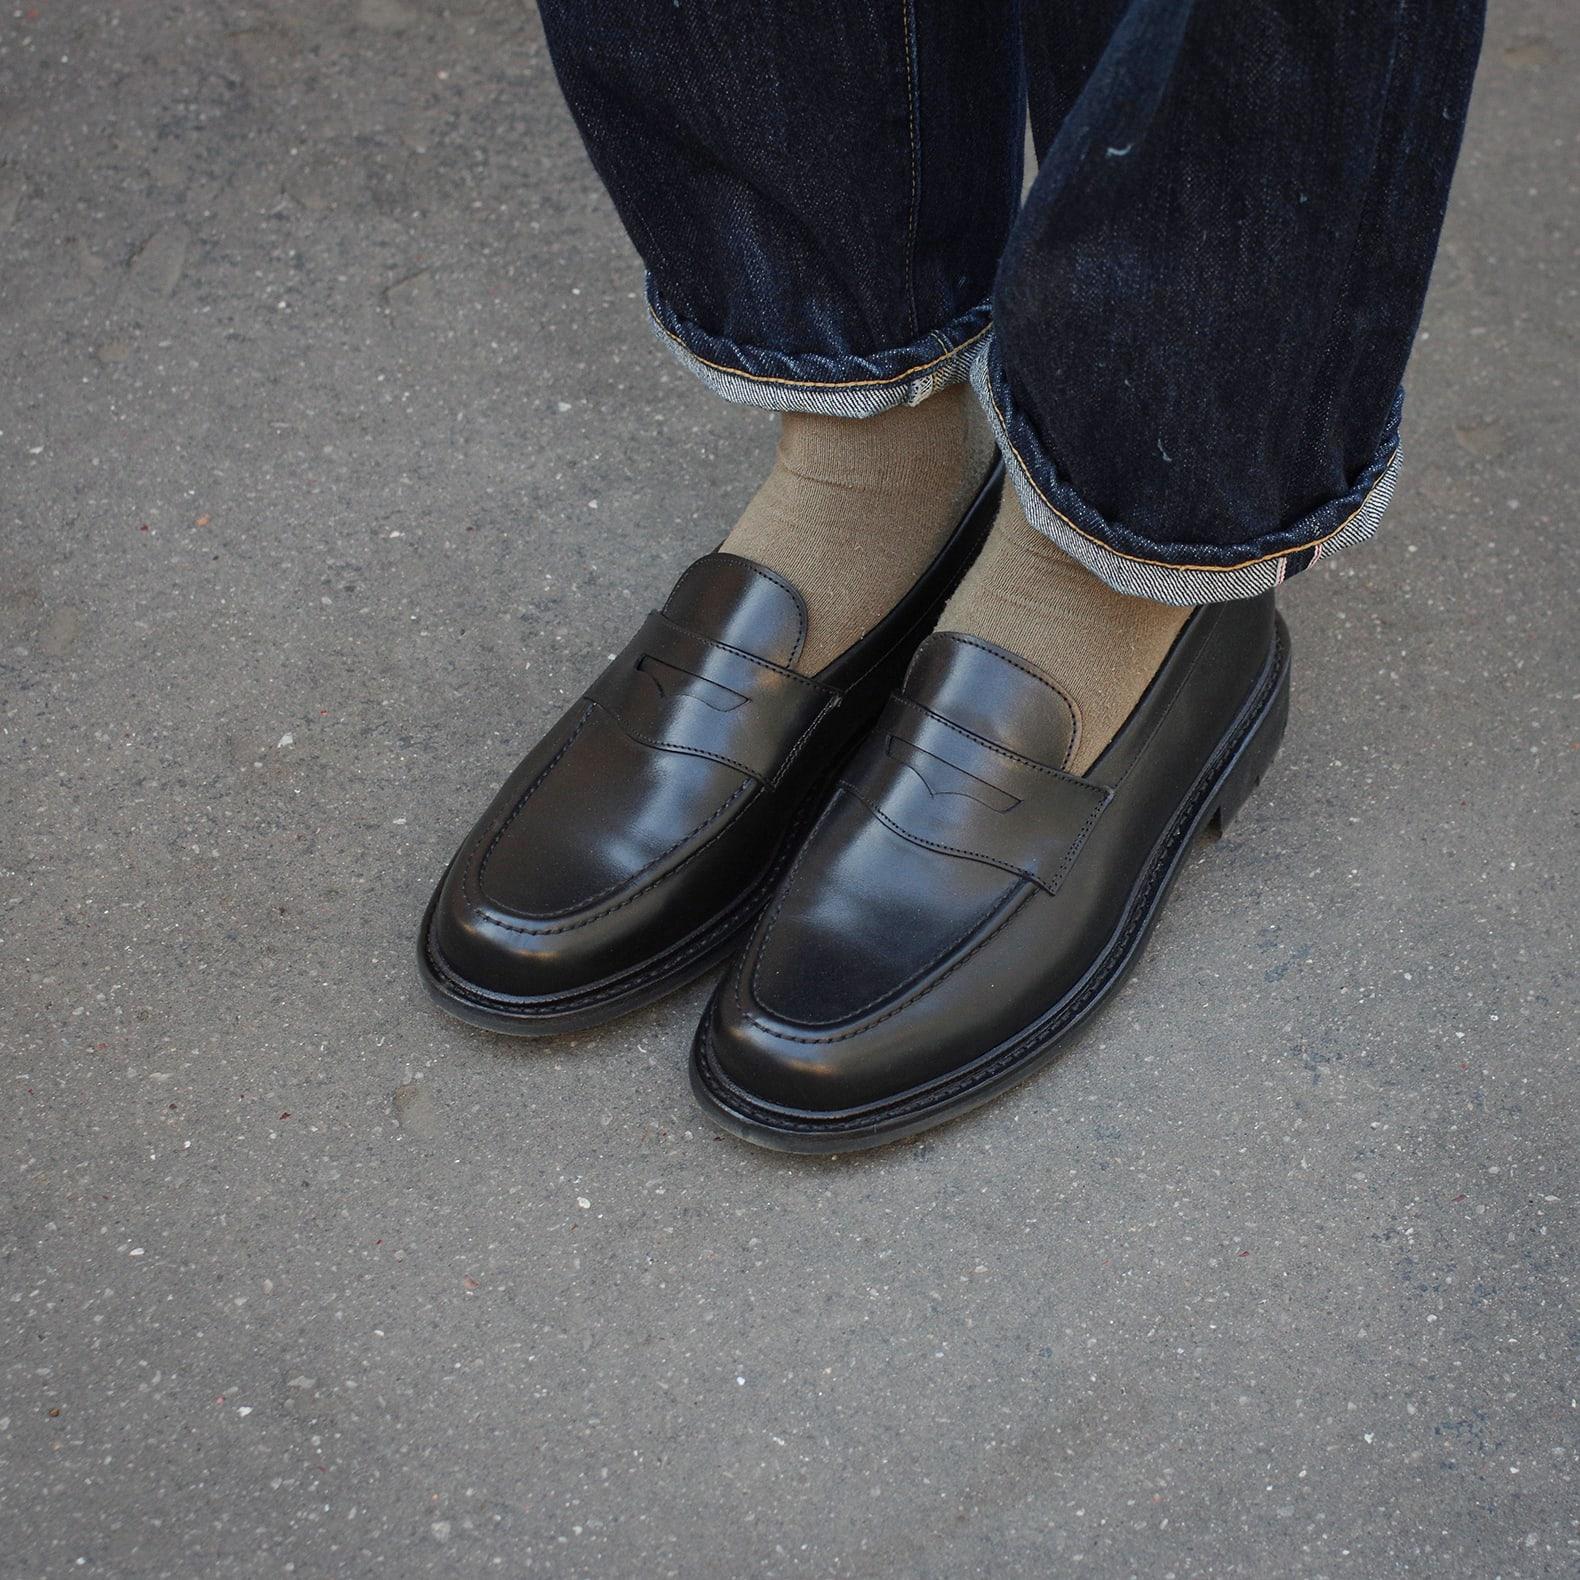 paire de mocassin style penny loafers en cuir noir de la marque max sauveur